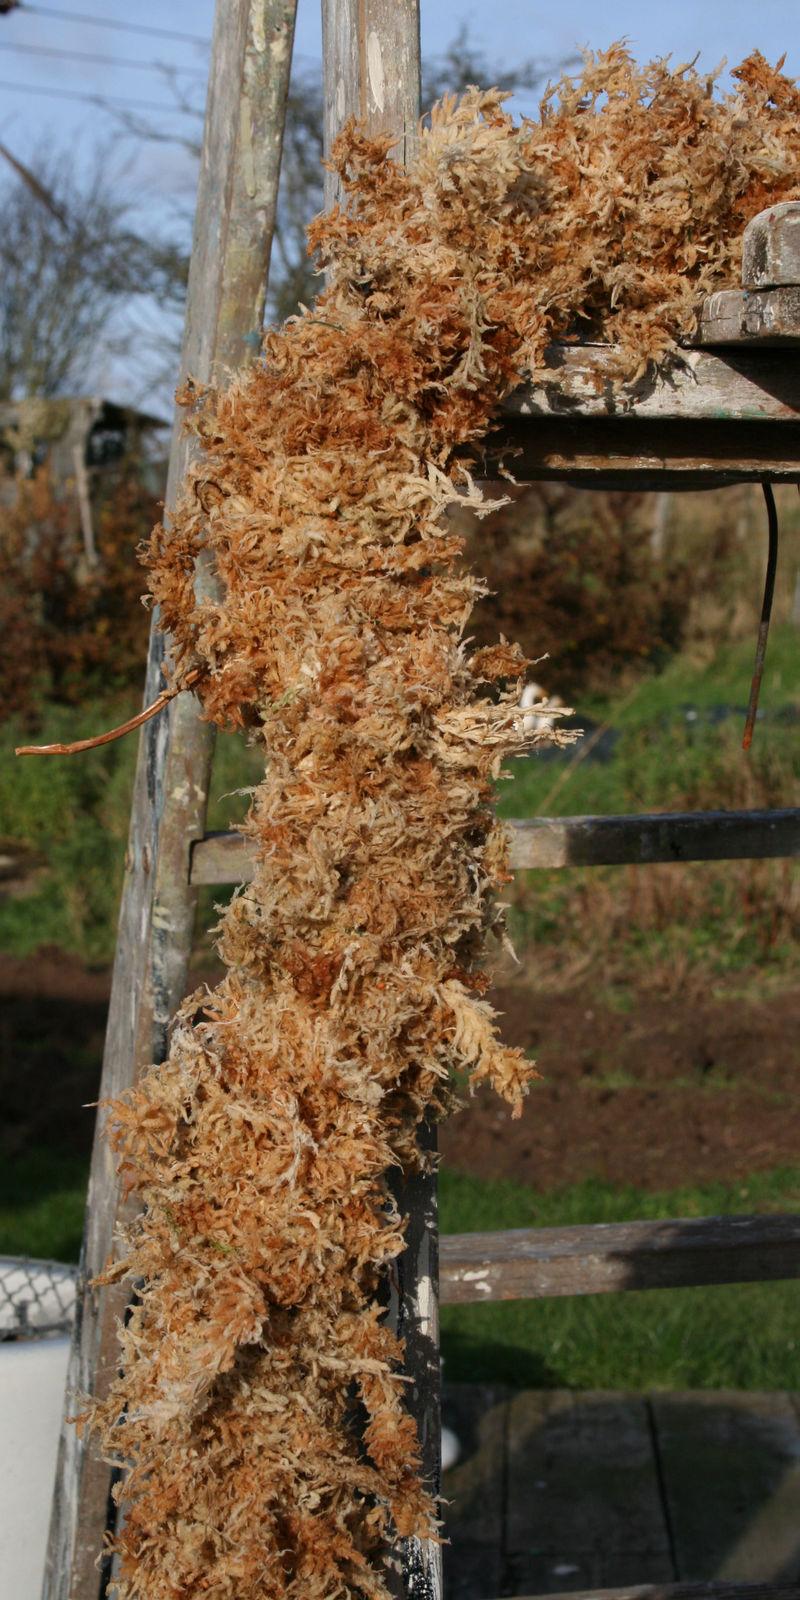 Mossy garland on ladder